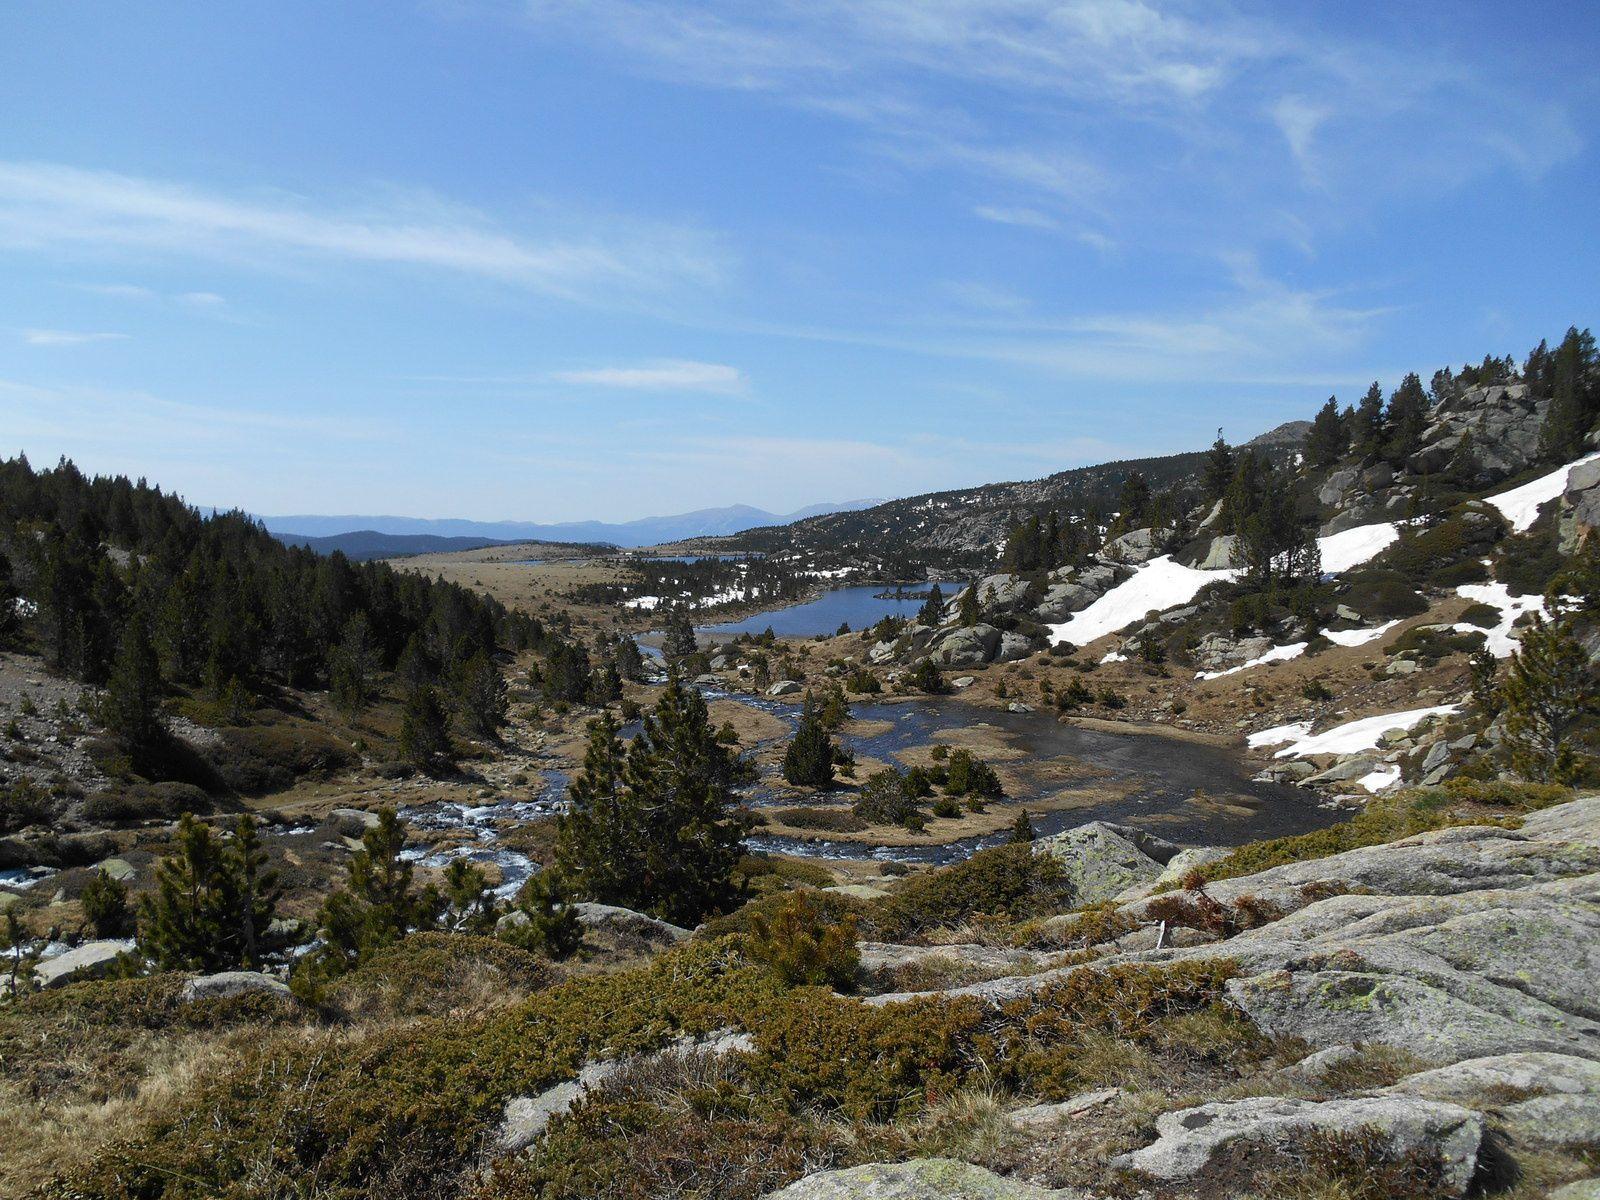 A l'arrière plan, les lacs Llong et LLat.